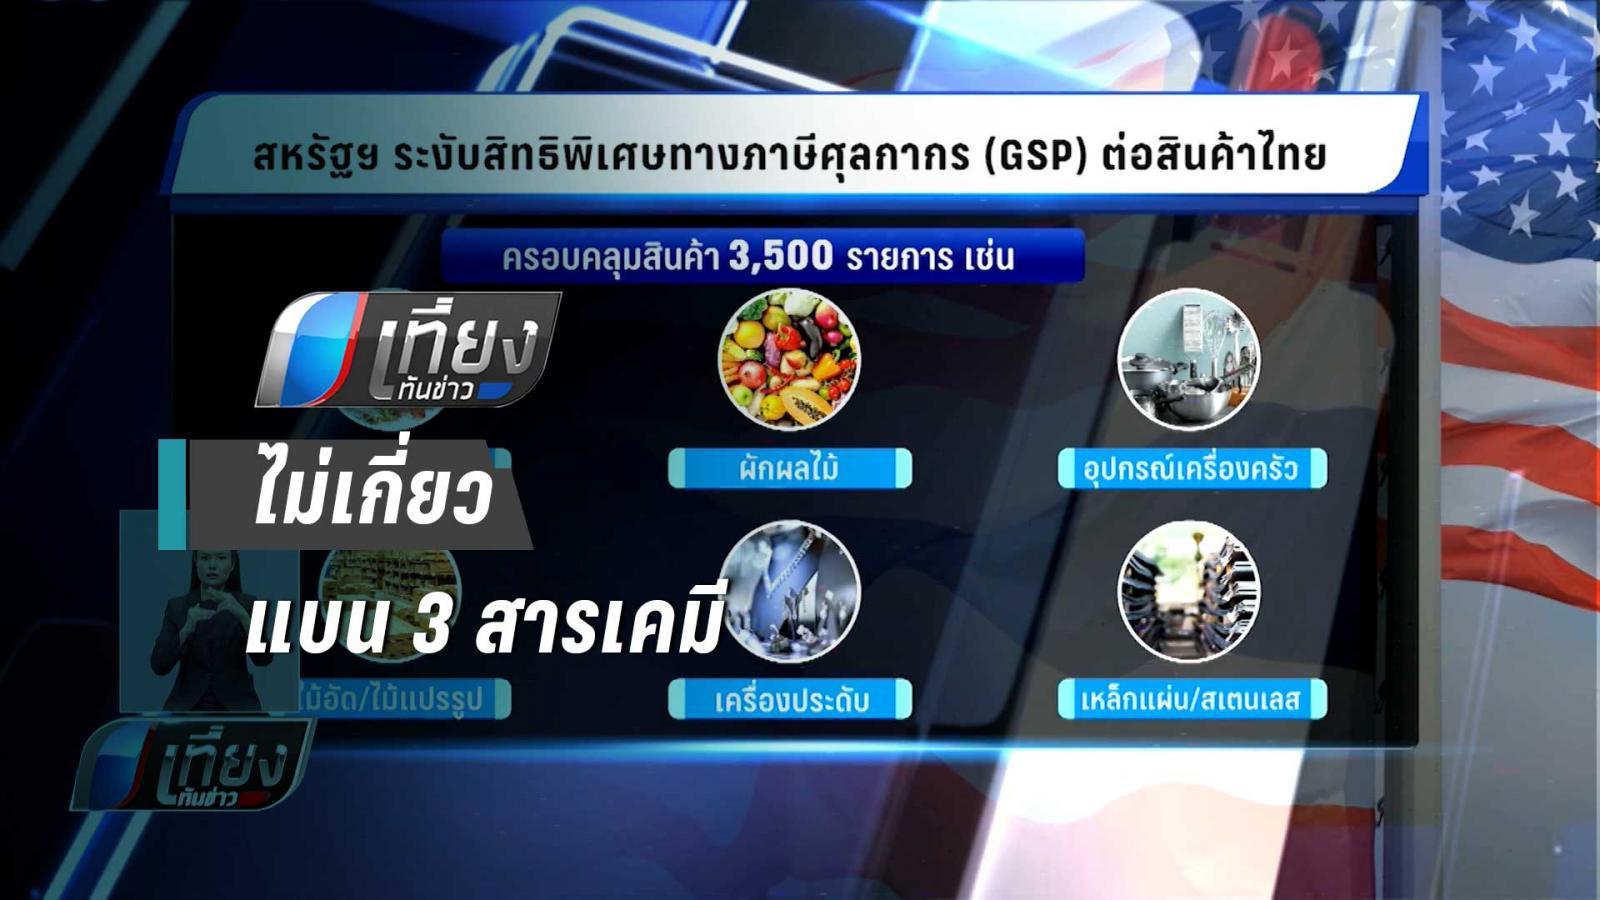 """""""พาณิชย์"""" ยันสหรัฐฯ ตัดจีเอสพีไทยไม่เกี่ยวแบน 3 สารเคมี"""